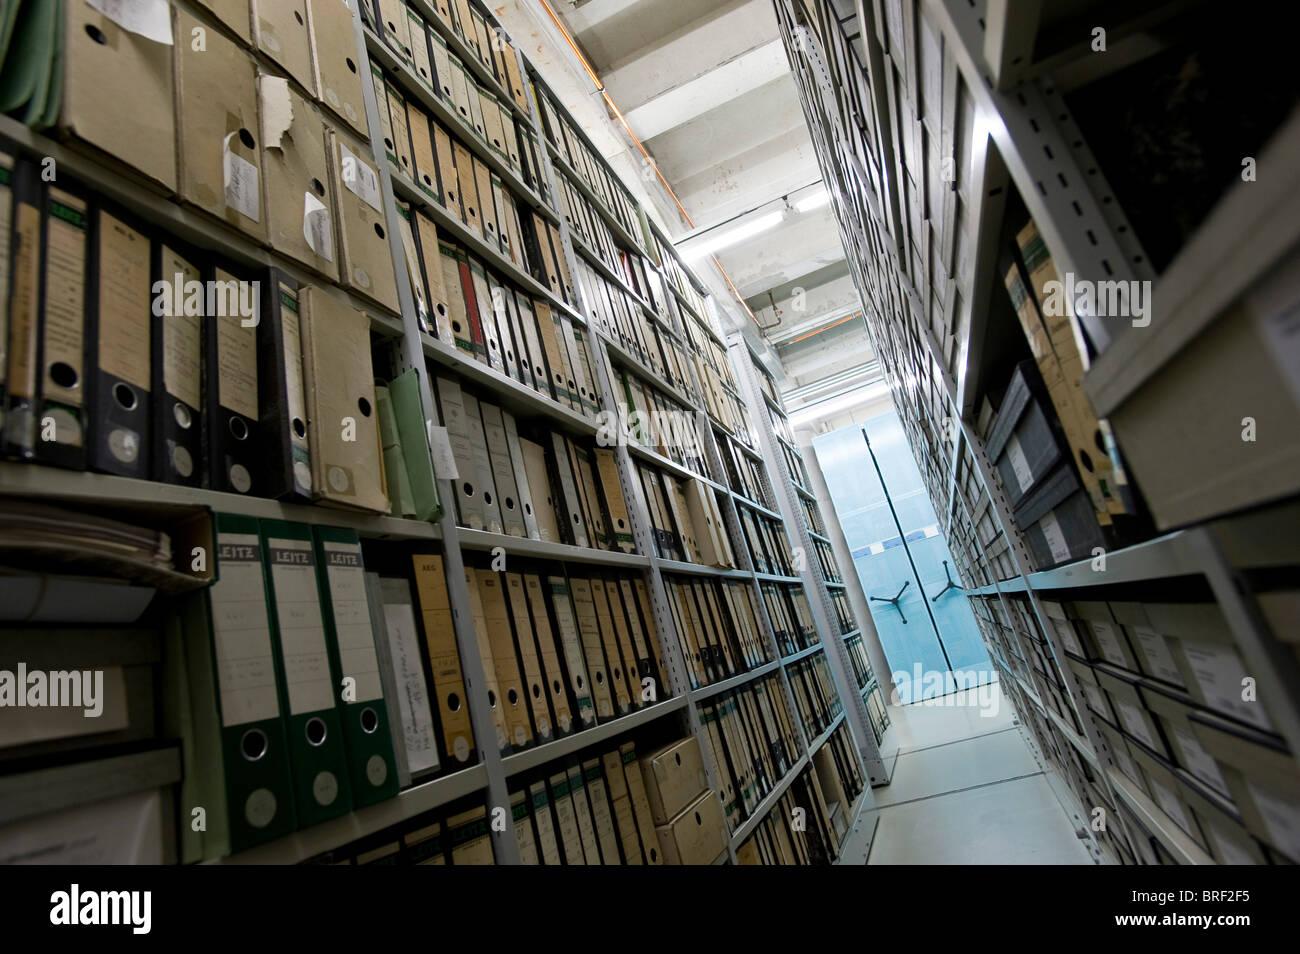 Archivio del Deutsches Technikmuseum, Museo Tedesco della Tecnologia, Berlino, Germania, Europa Immagini Stock